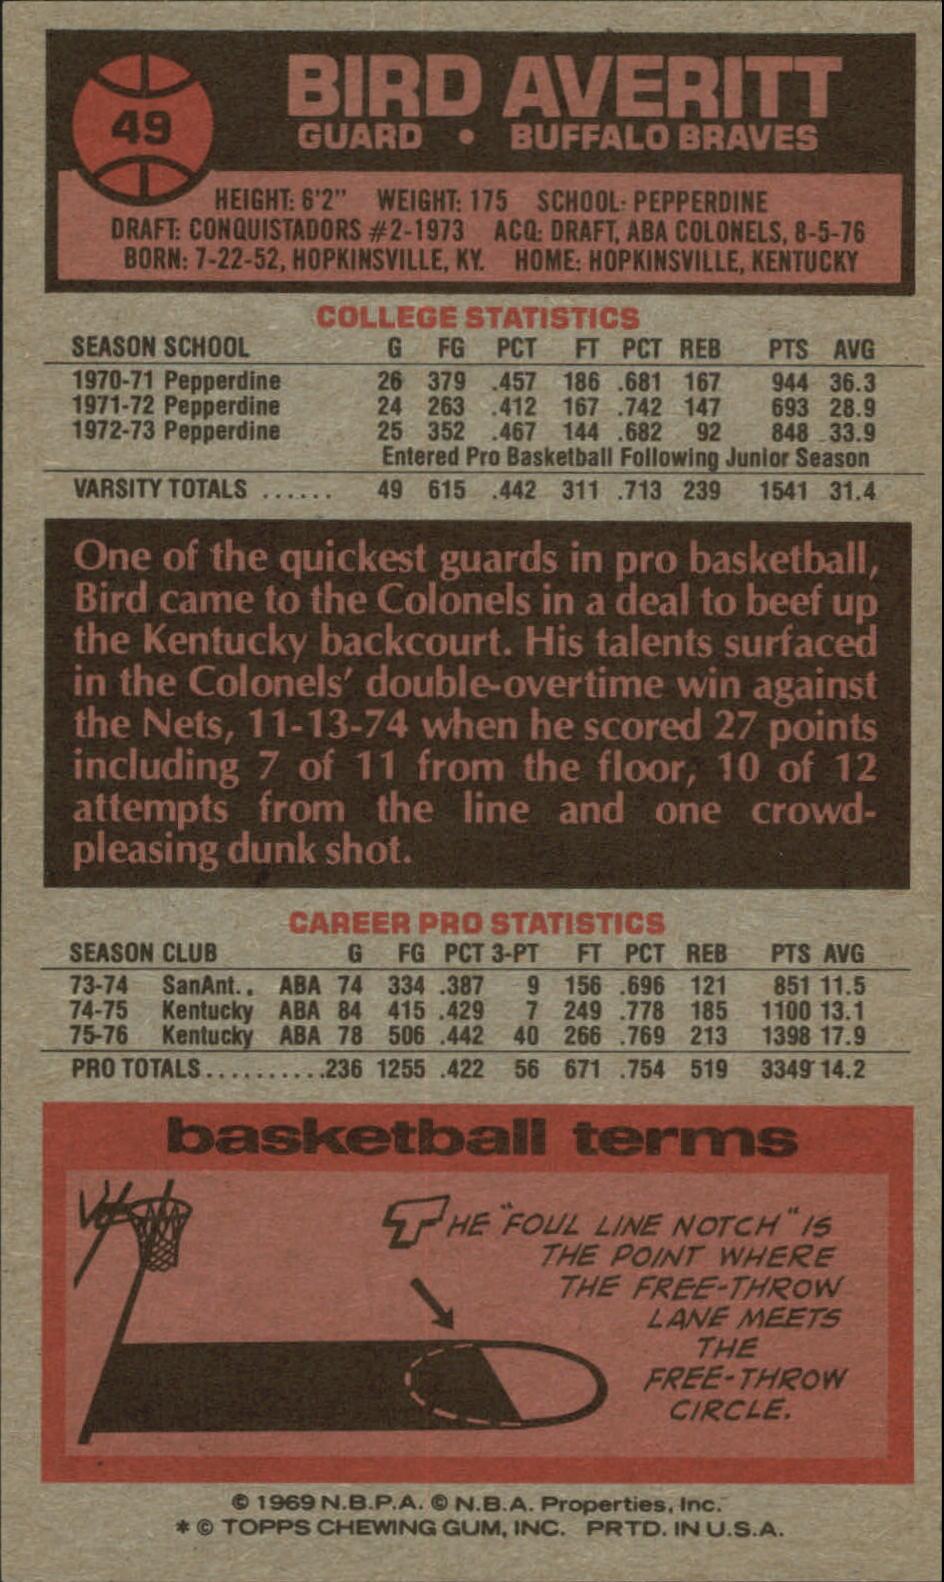 1976-77 Topps #49 Bird Averitt back image